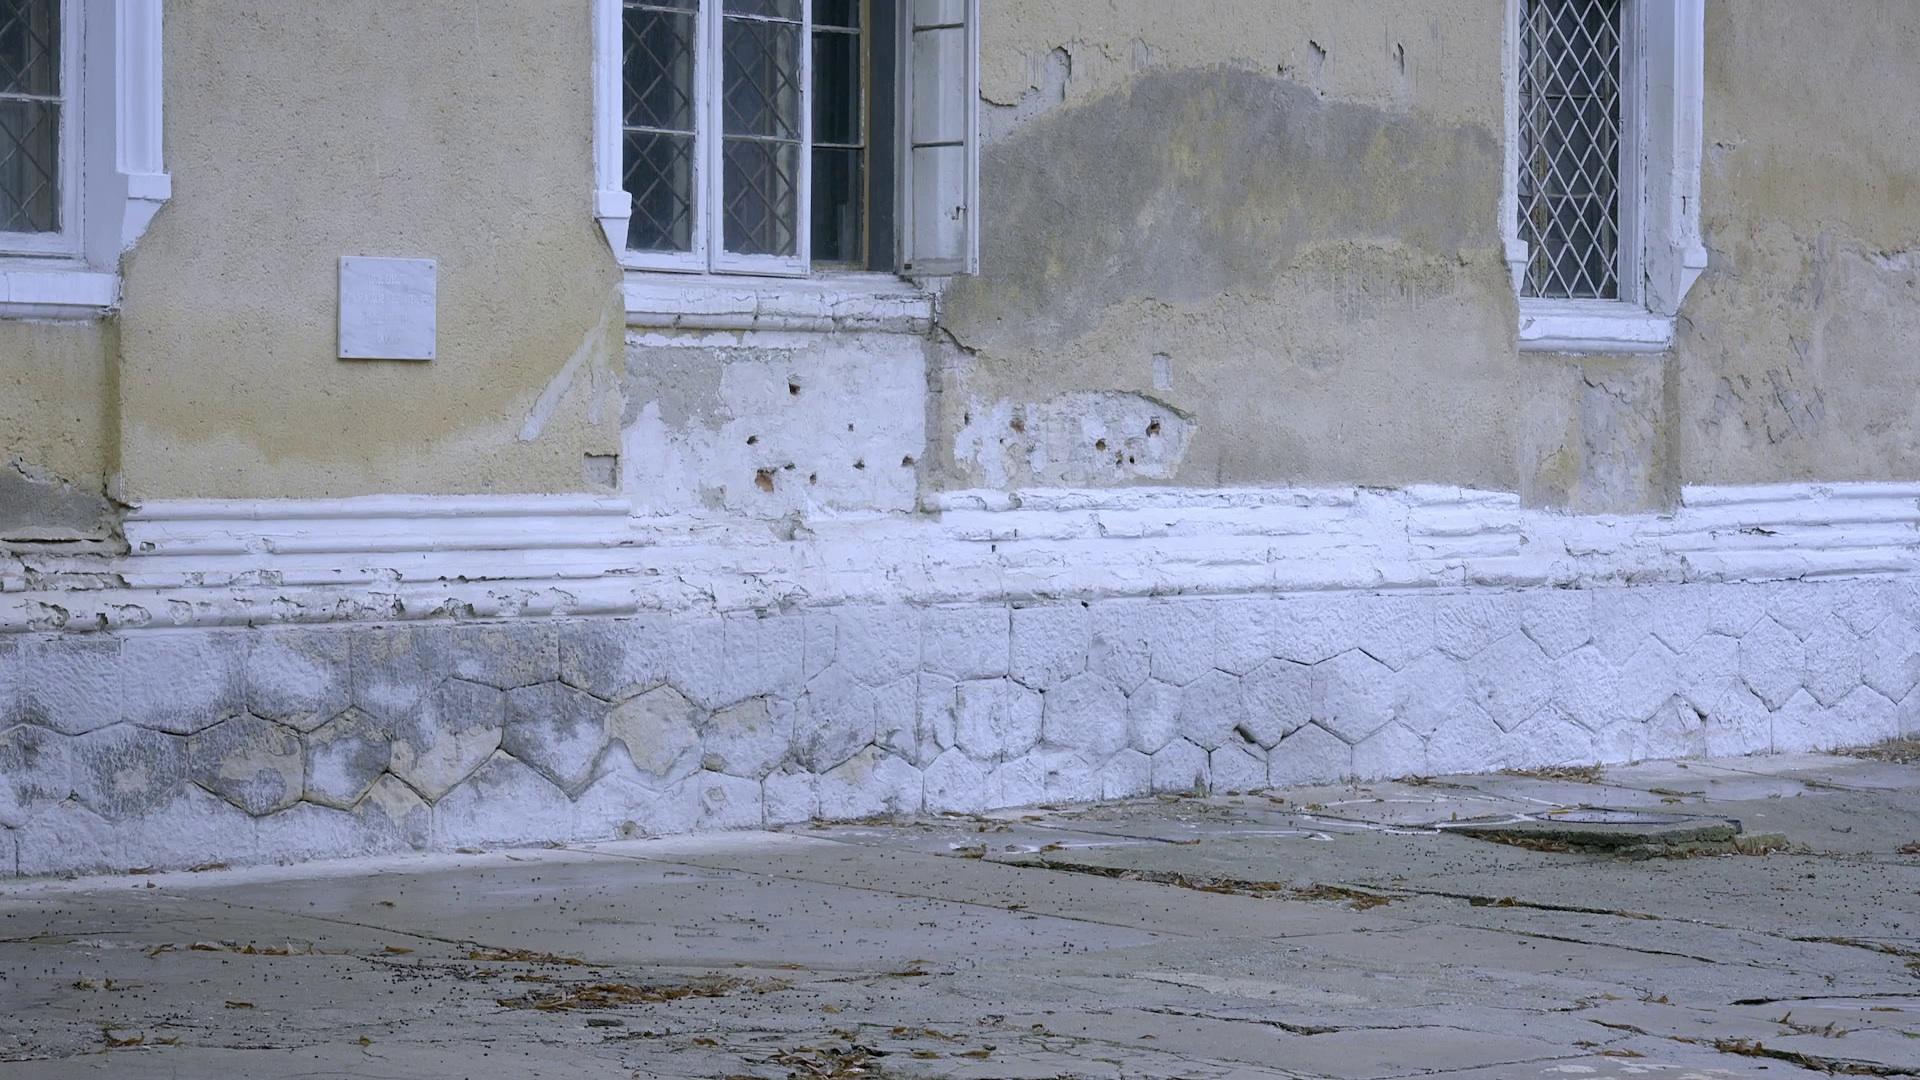 LE PROCÈS DES CEAUSESCU : UNE RÉVOLUTION VOLÉE